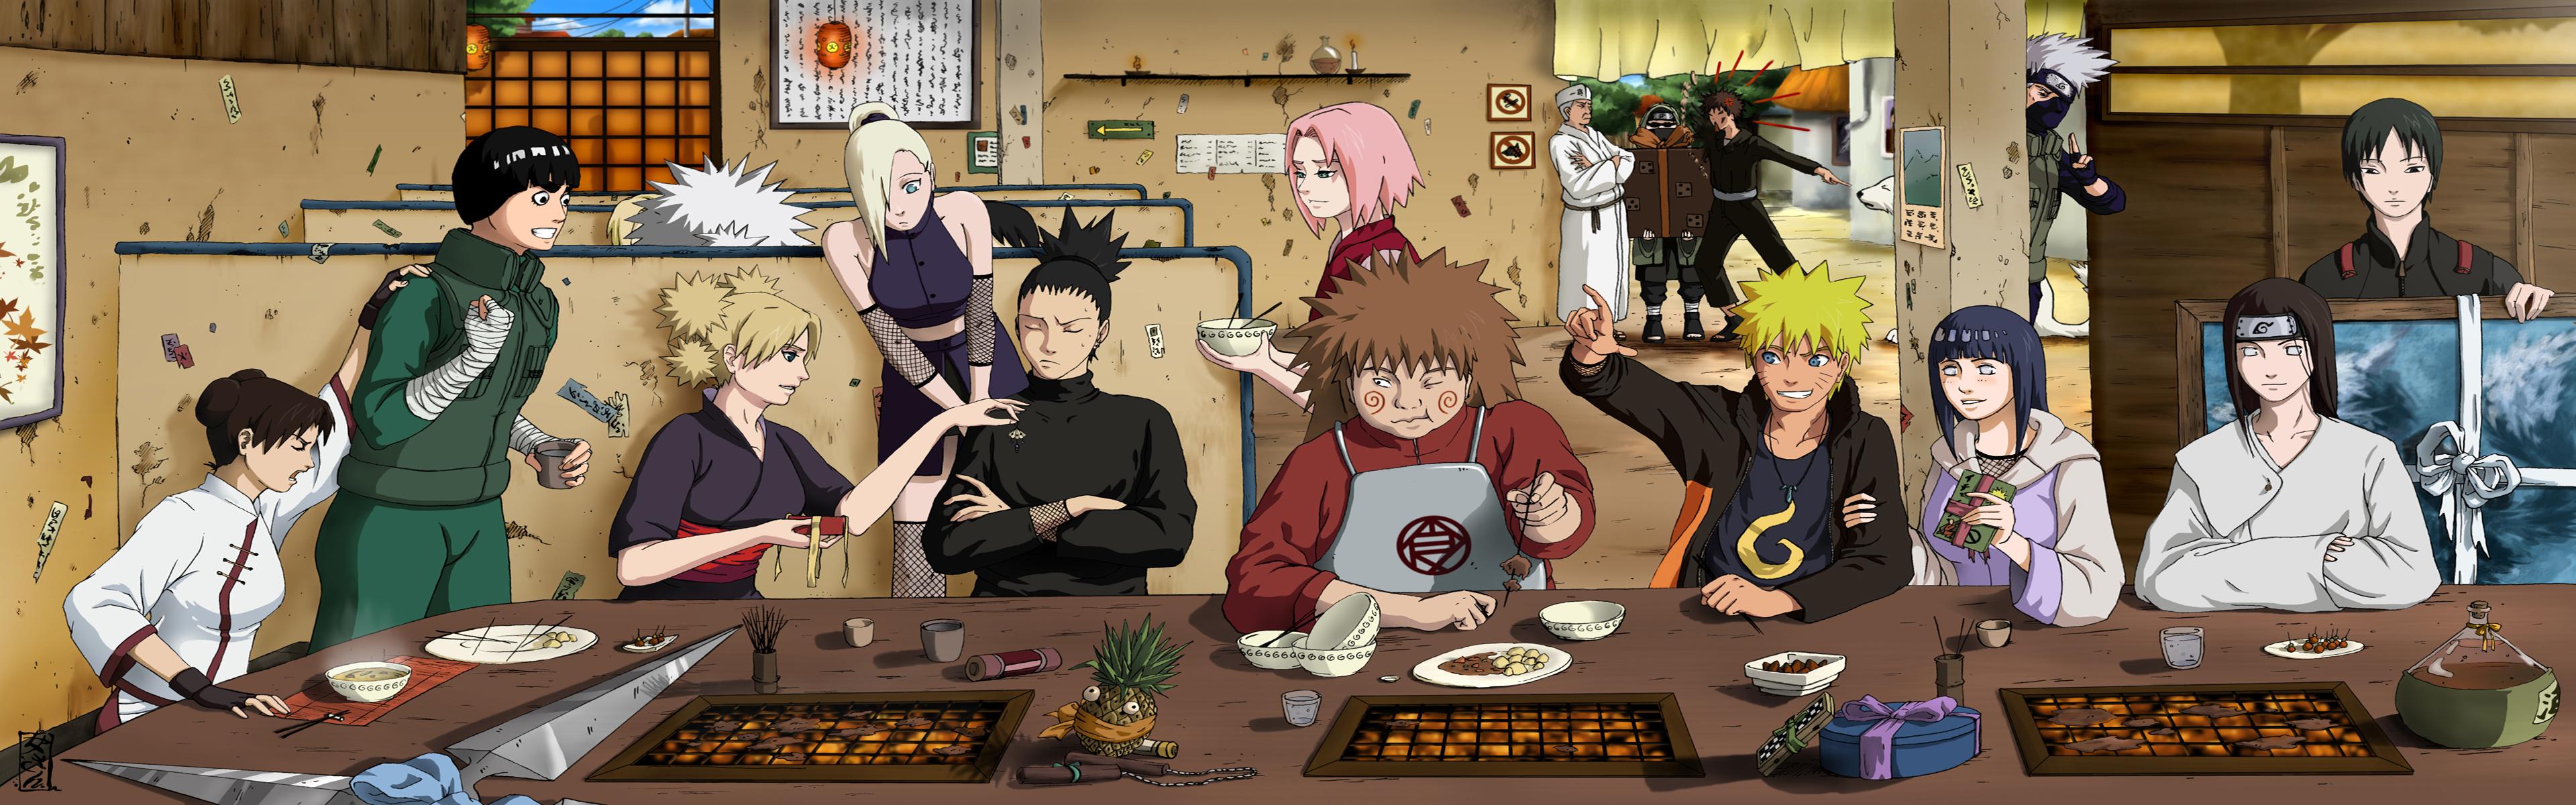 Ảnh nền Naruto chất lượng cao